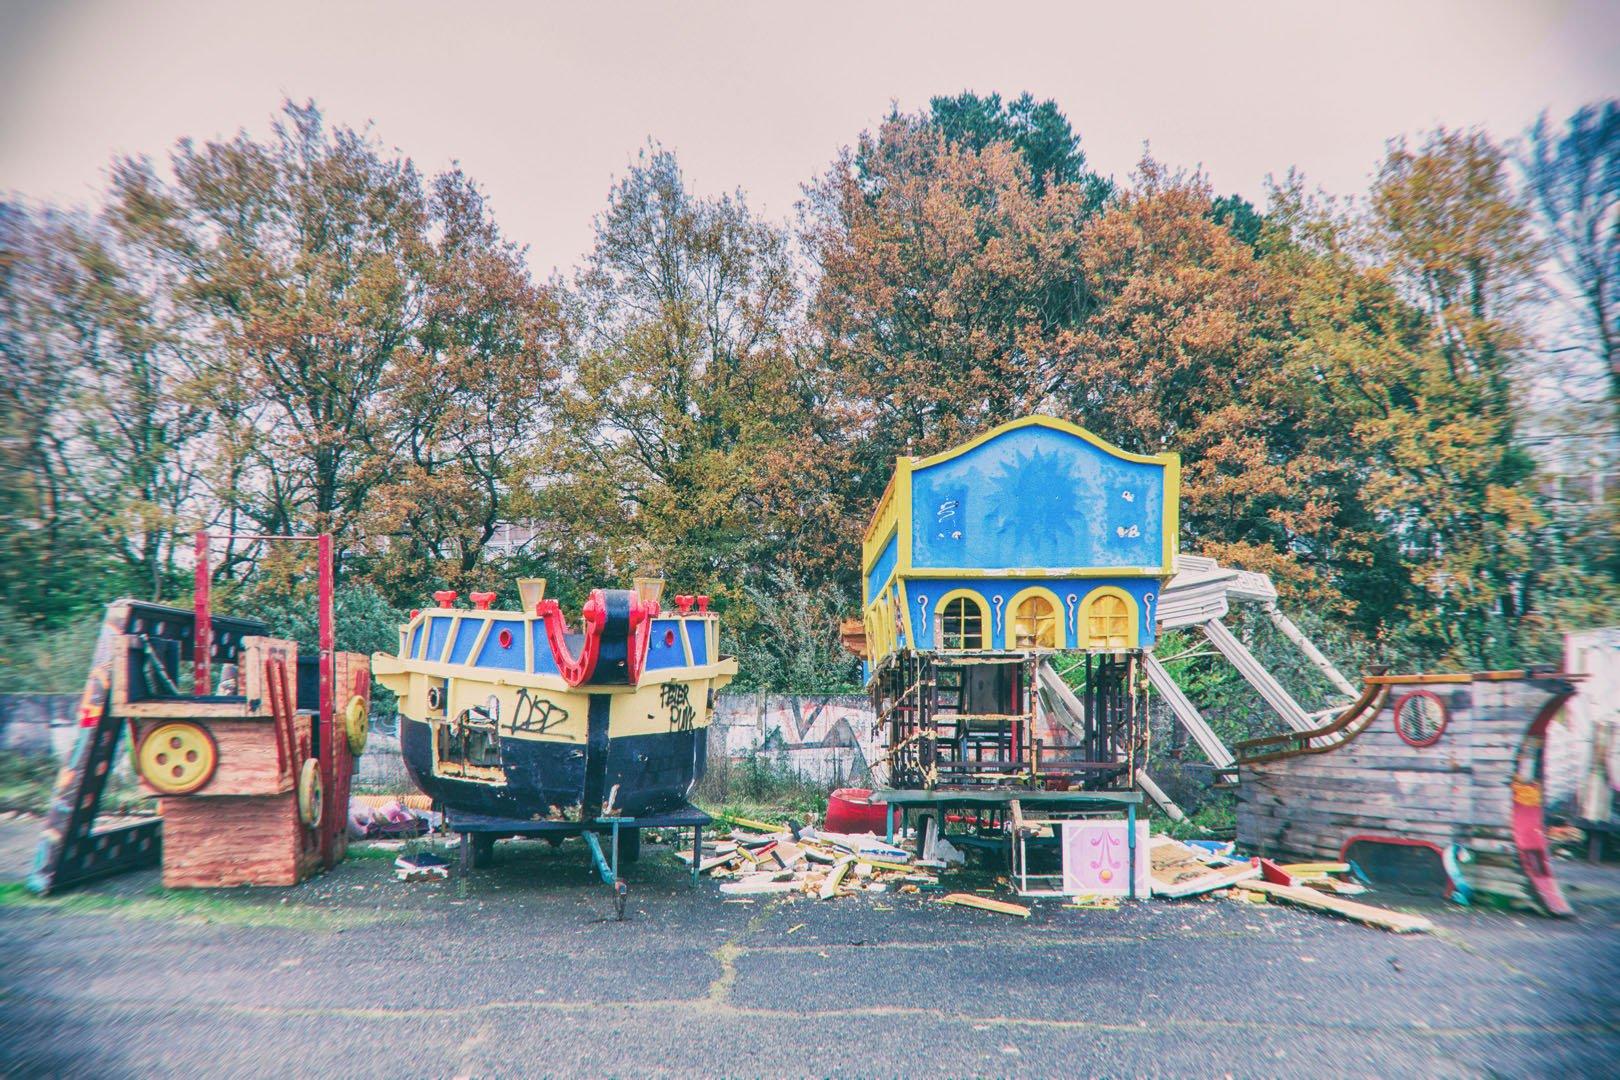 chars de carnaval à l'abandon